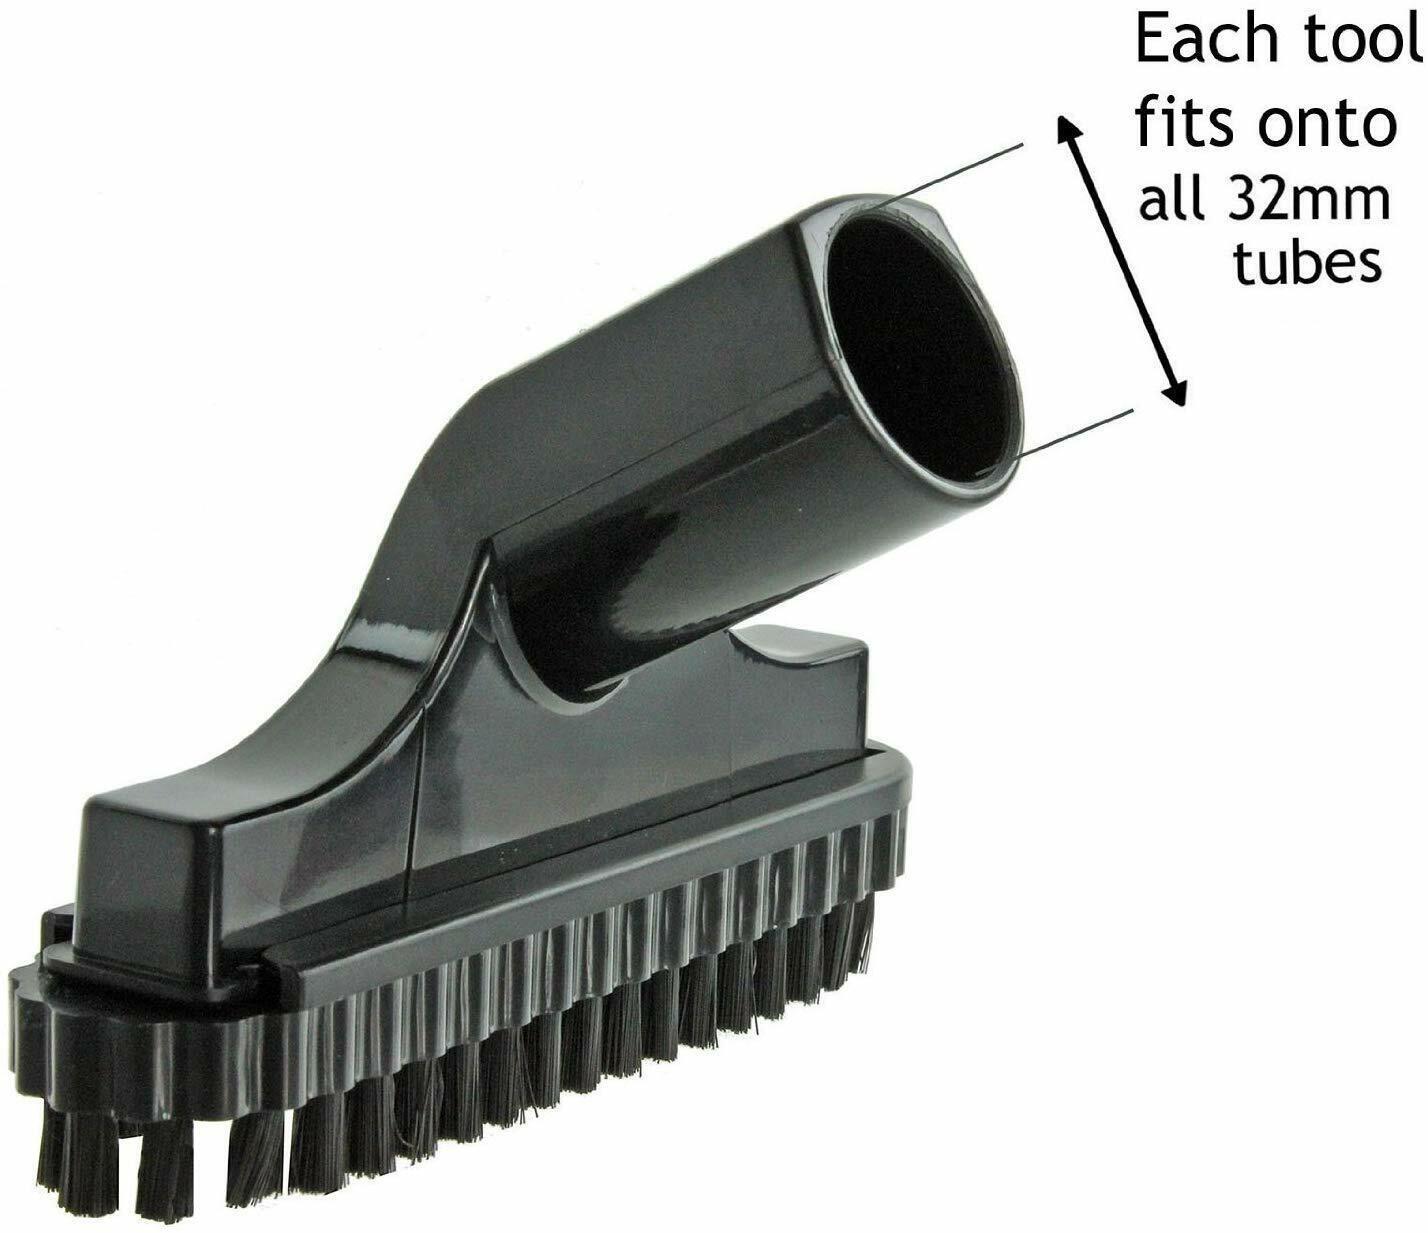 10 Dust Bags for NUMATIC HENRY HVB160 HVR160 HETTY HET160 Spare Parts Tool Kit